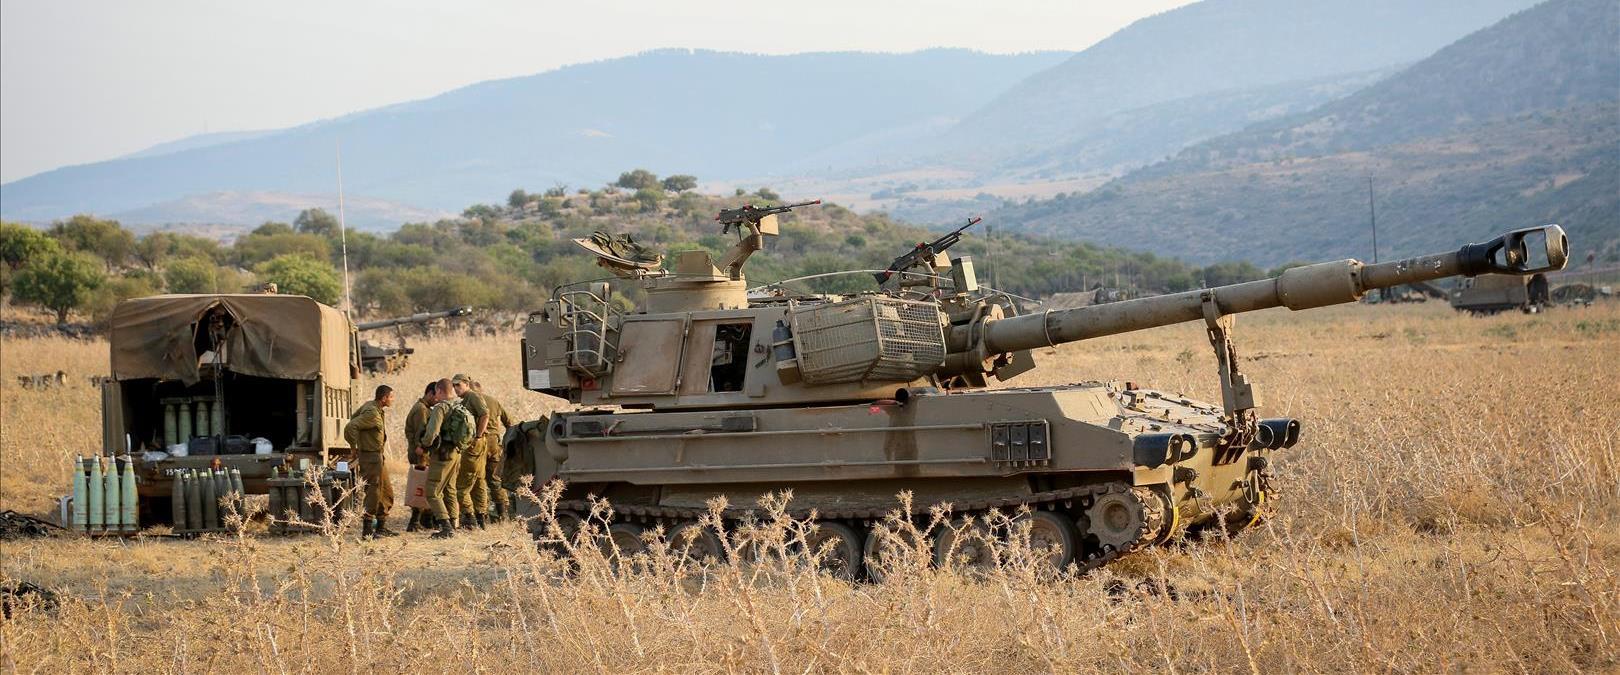 """כוחות צה""""ל בגבול לבנון בשבוע שעבר"""